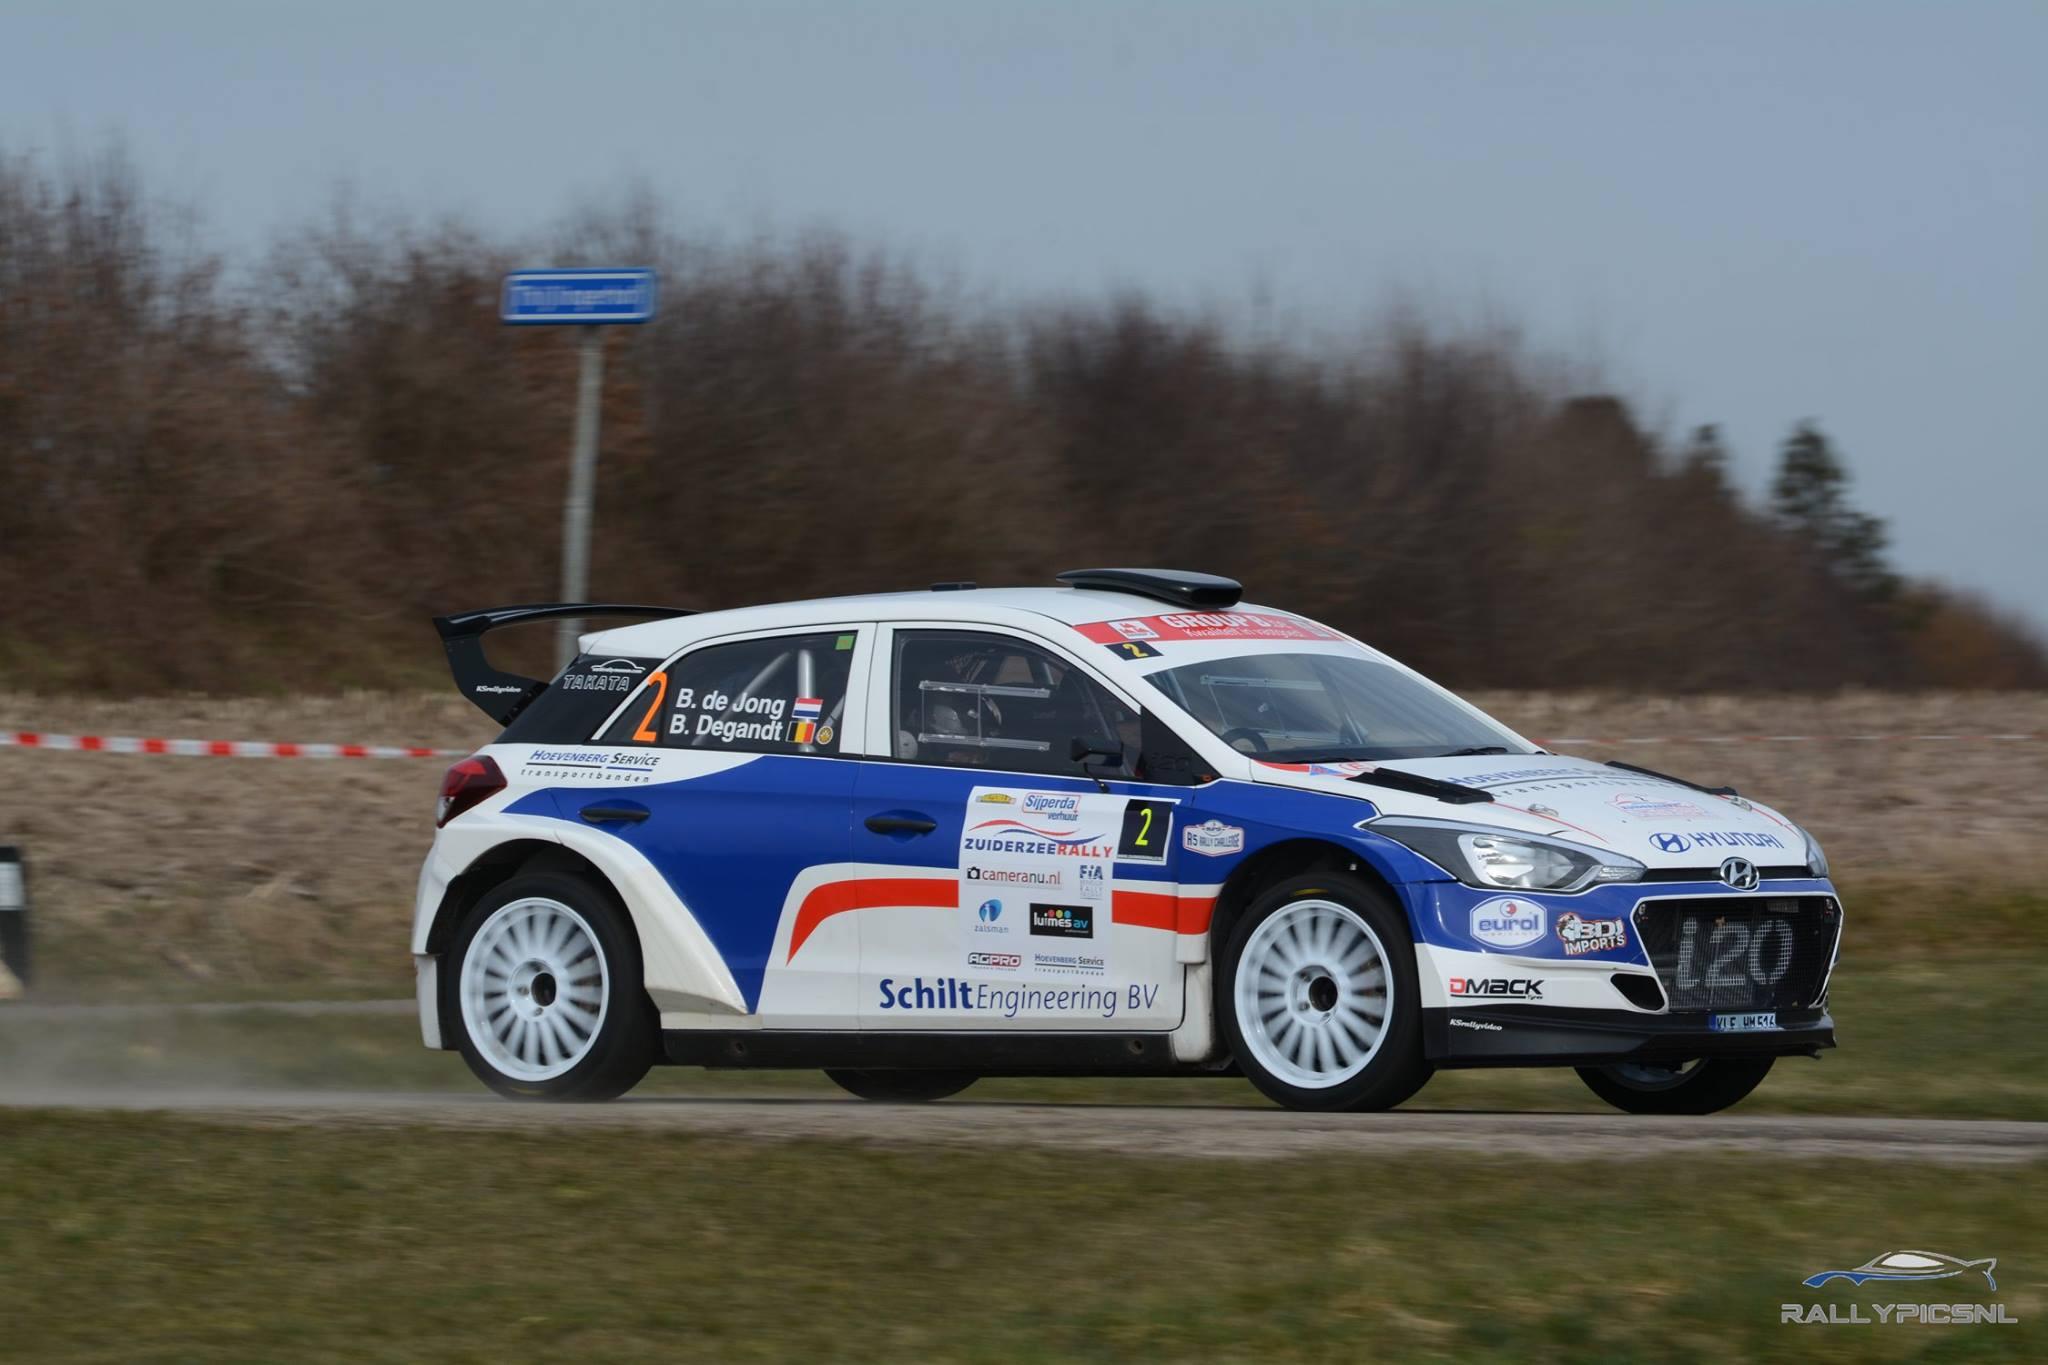 Zuiderzee Rally 2018